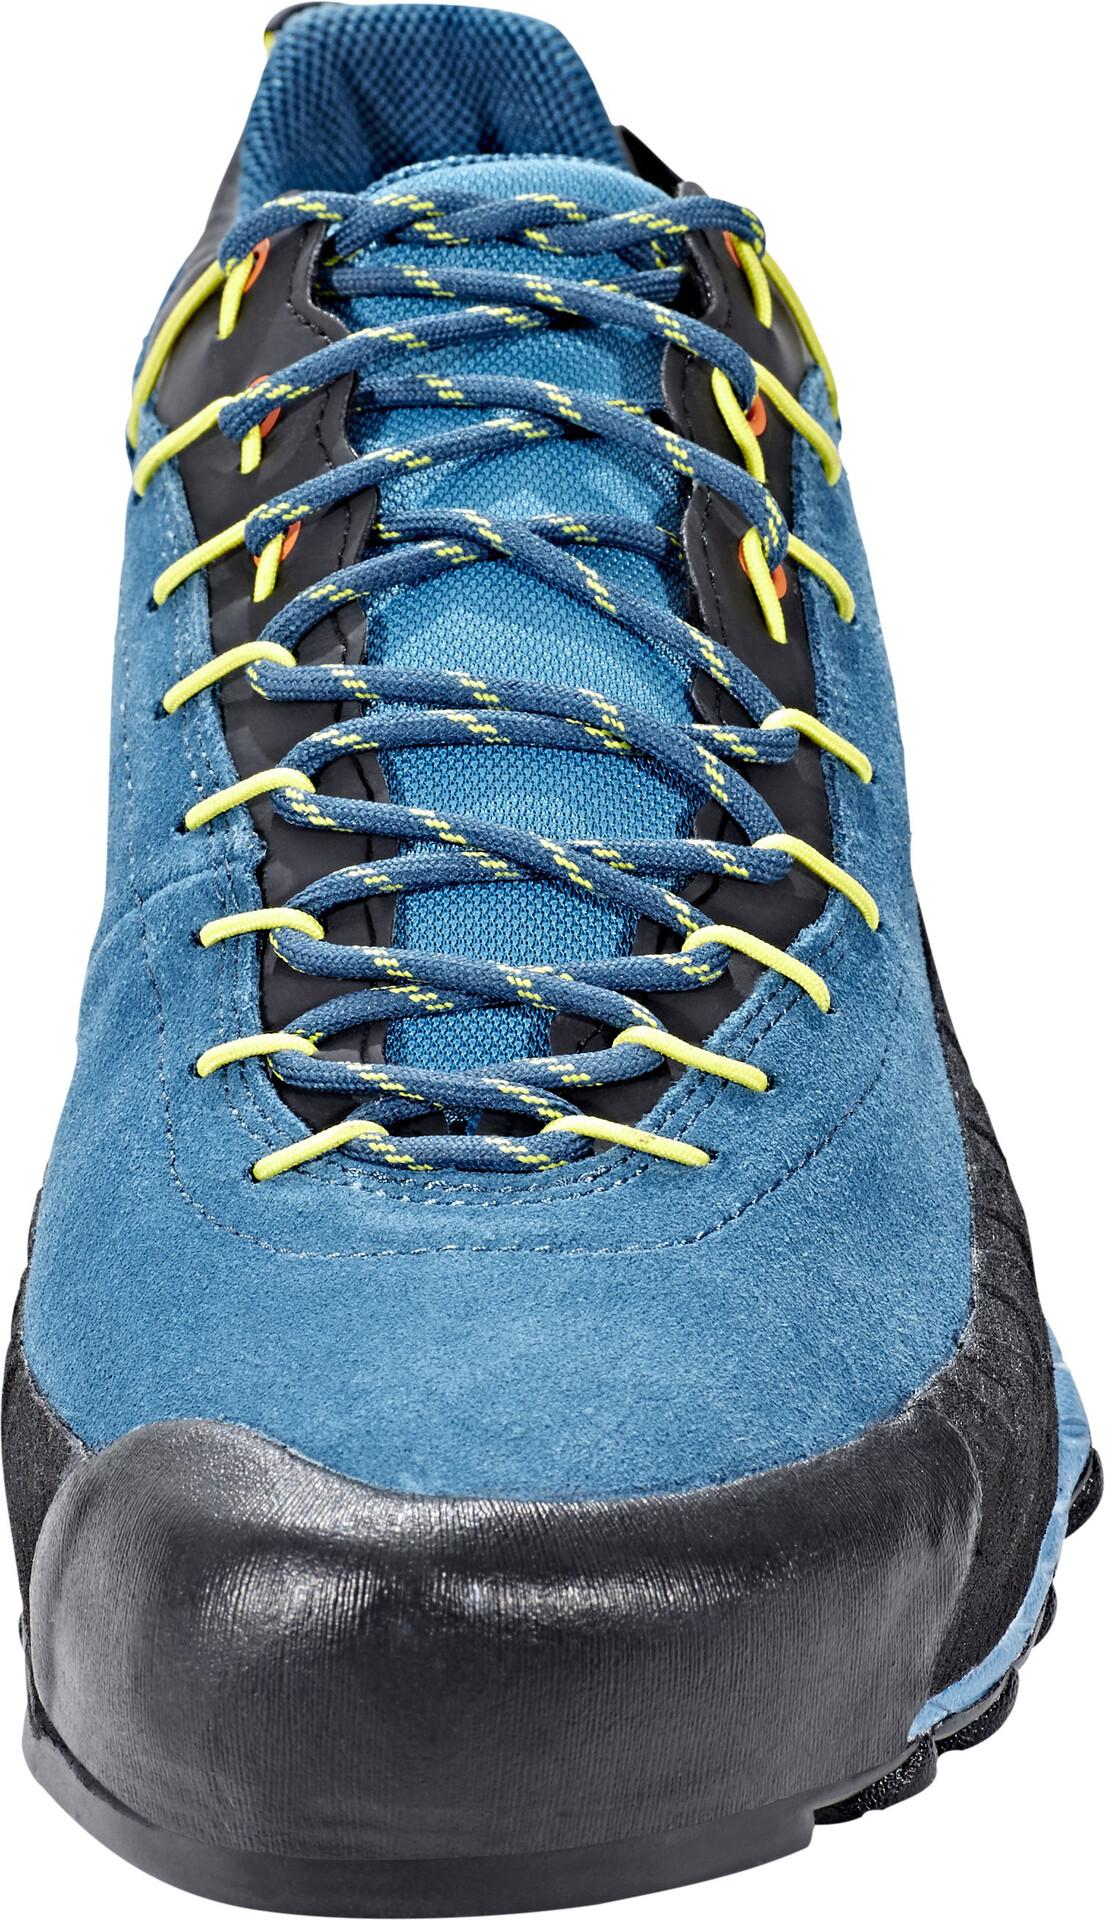 bleunoir sur Homme CAMPZ Sportiva La TX4 Chaussures GTX OnwPX8k0